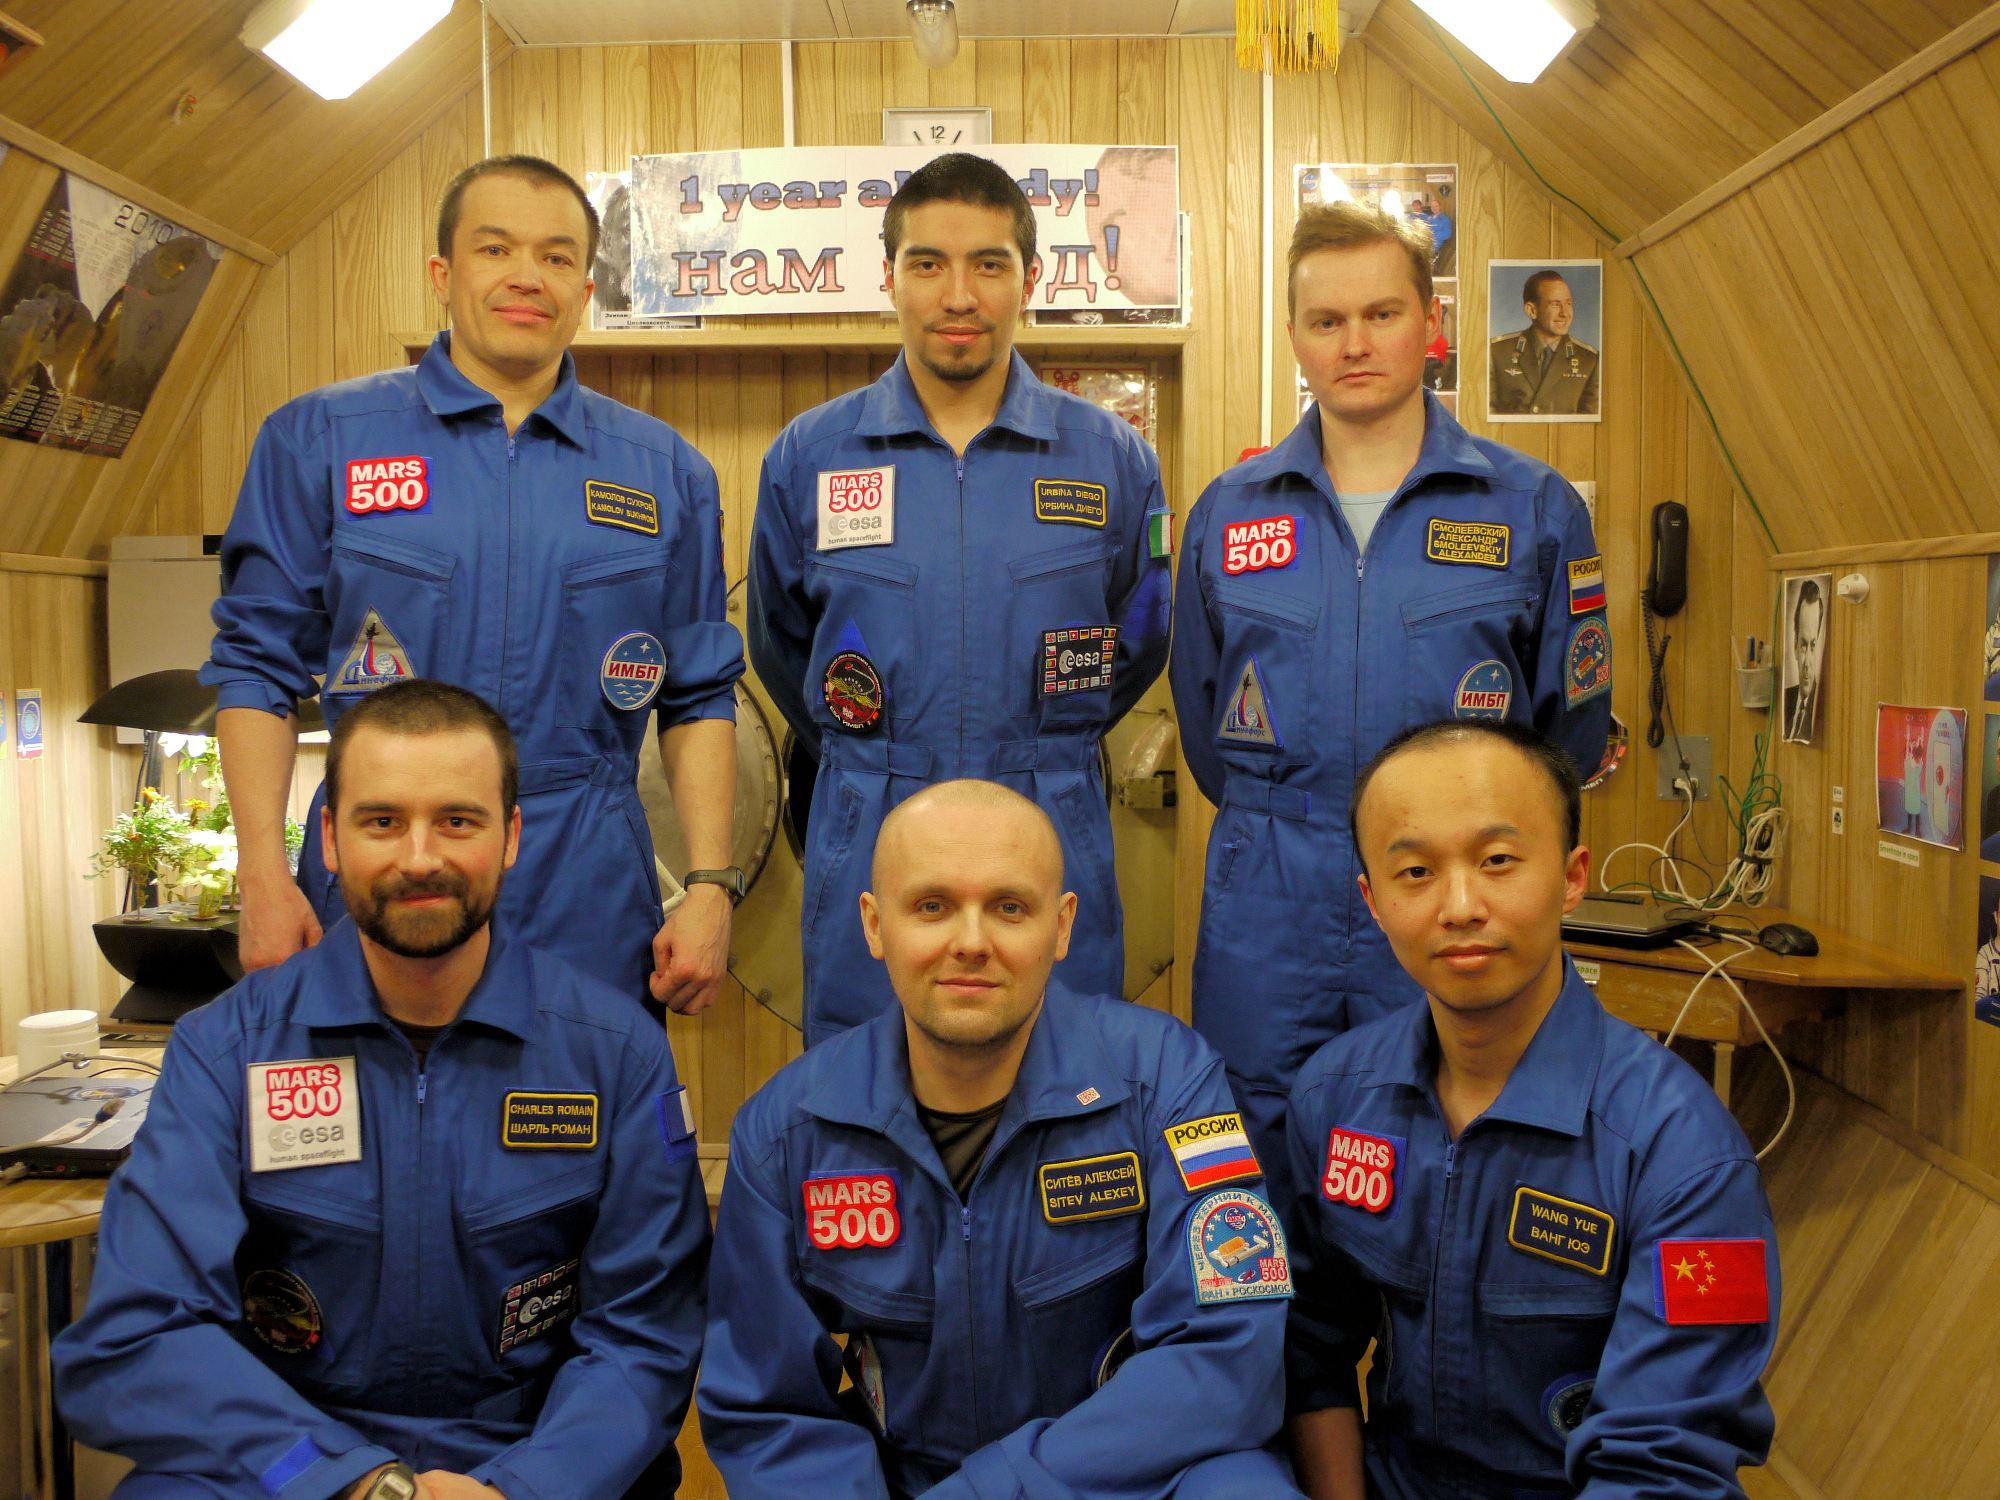 """Екипажа на мислията """"Марс 500"""""""